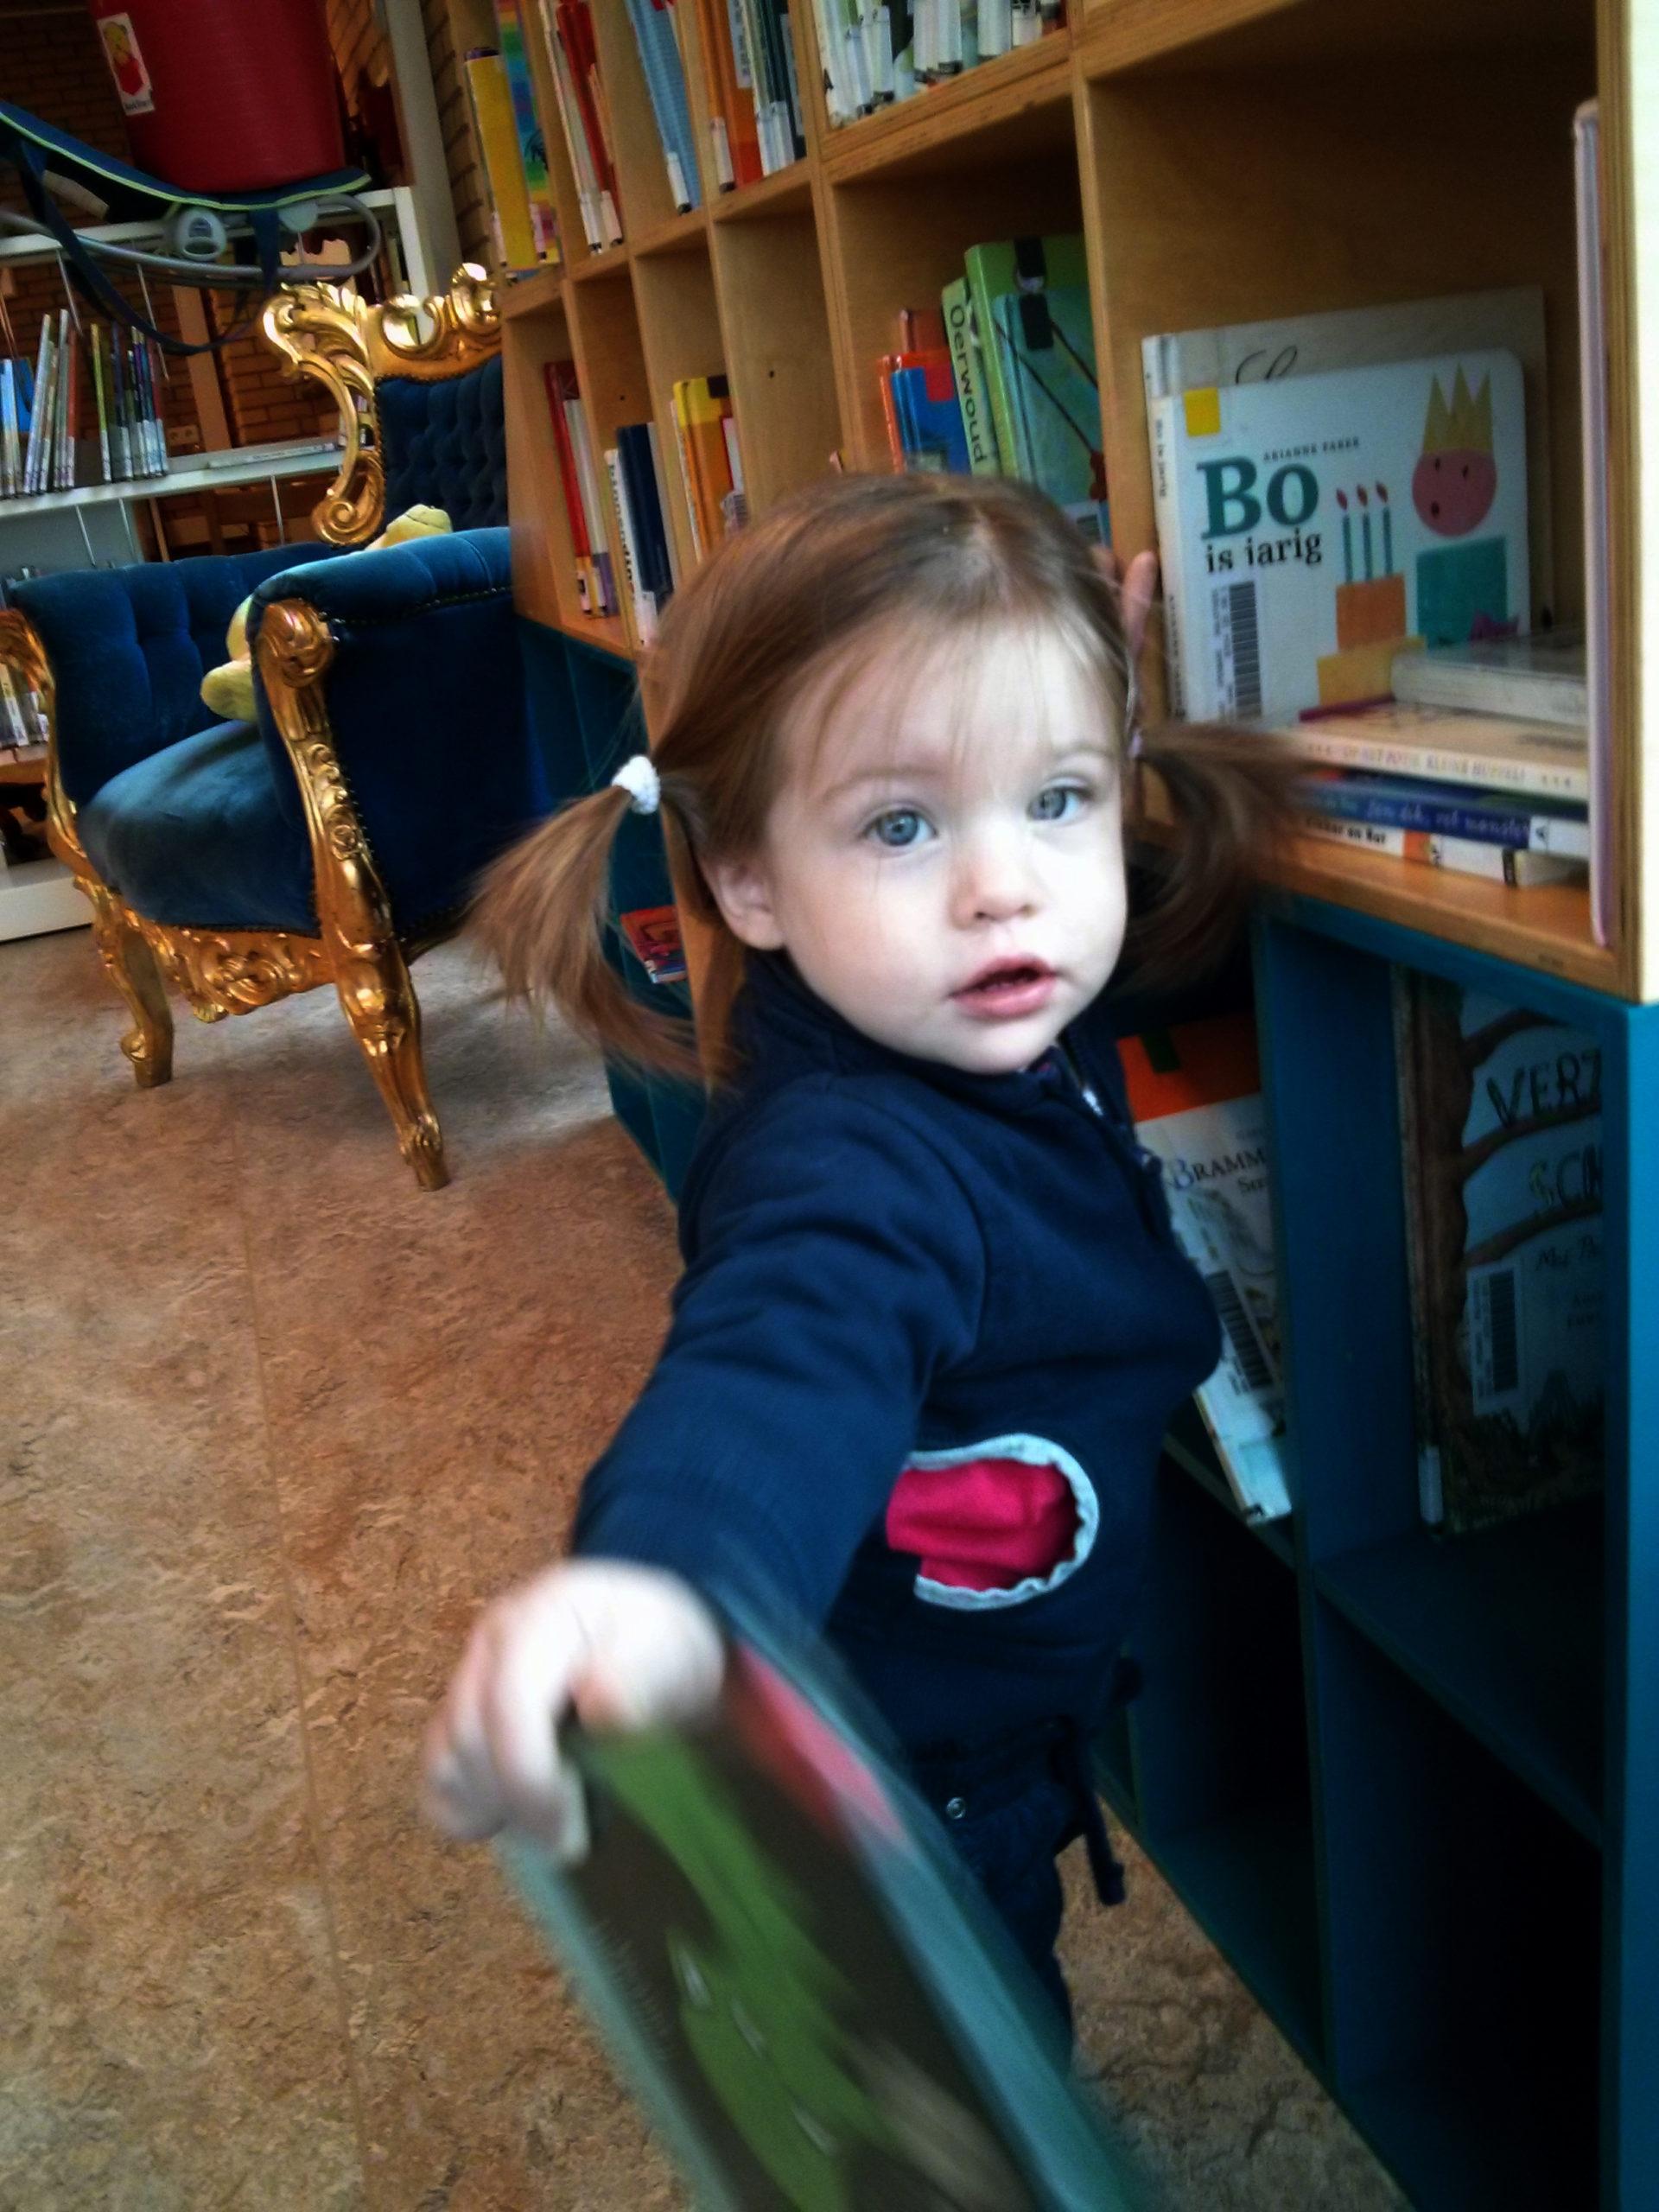 ד׳, תינוקת מתהפכת (אך עוד לא הולכת), בביקורה הראשון בספרייה.